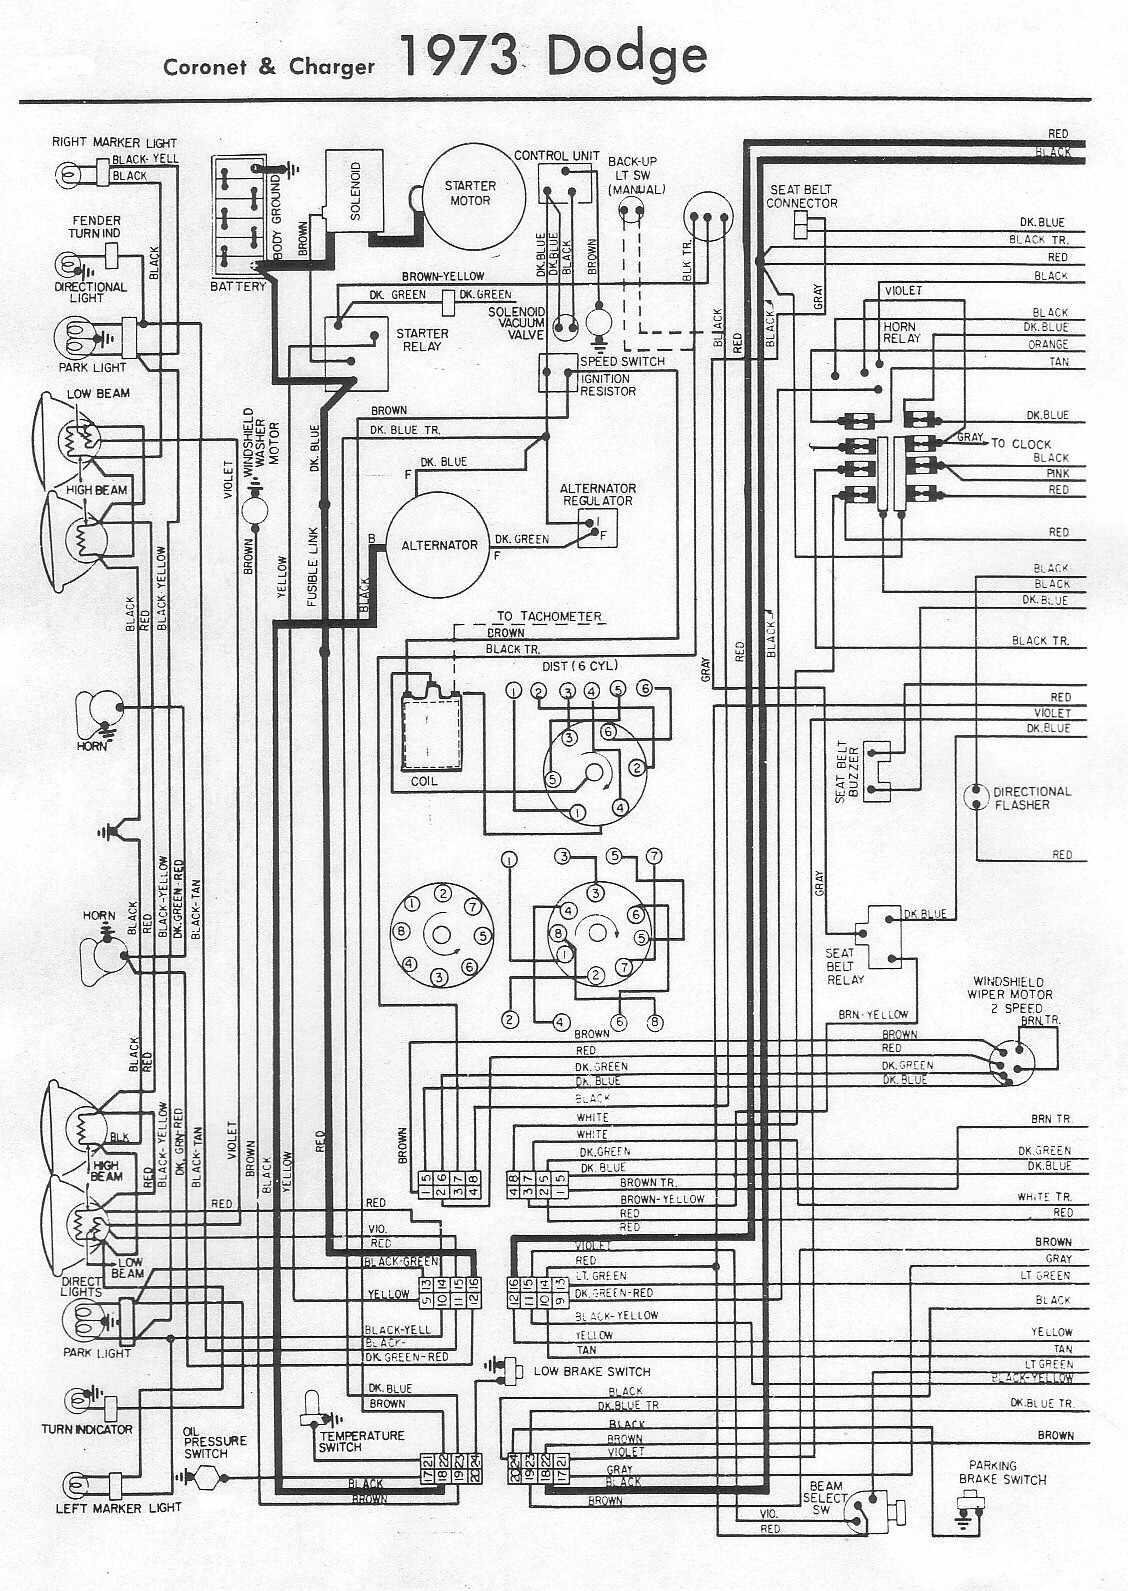 blazer led light bar wiring atv led light wiring diagram free raypak wiring [ 1128 x 1591 Pixel ]